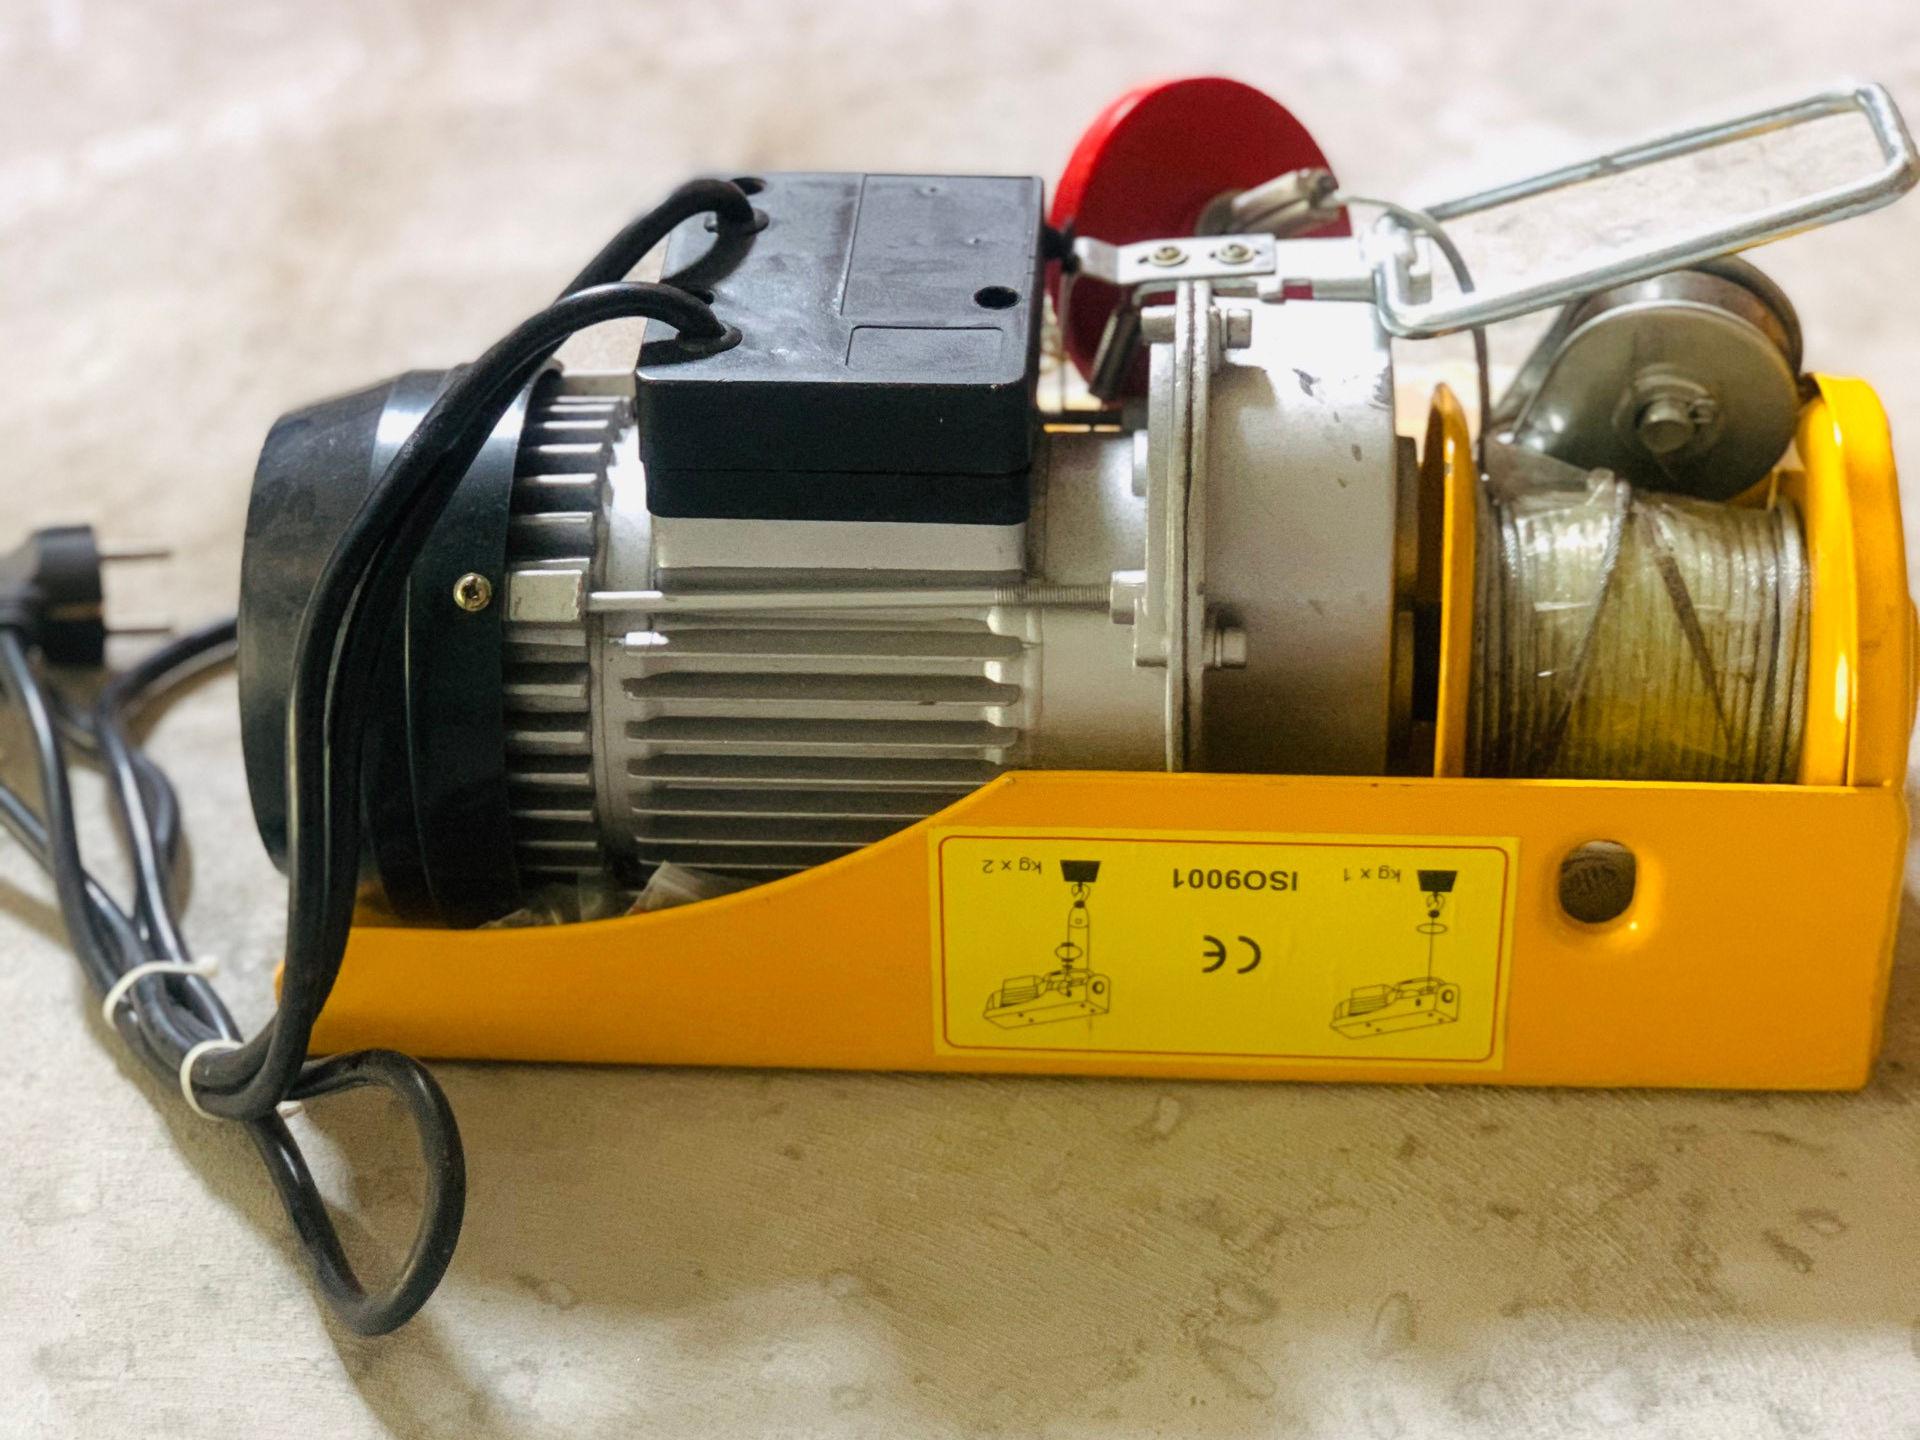 Tời điện Hoto PA 300 (300kg)